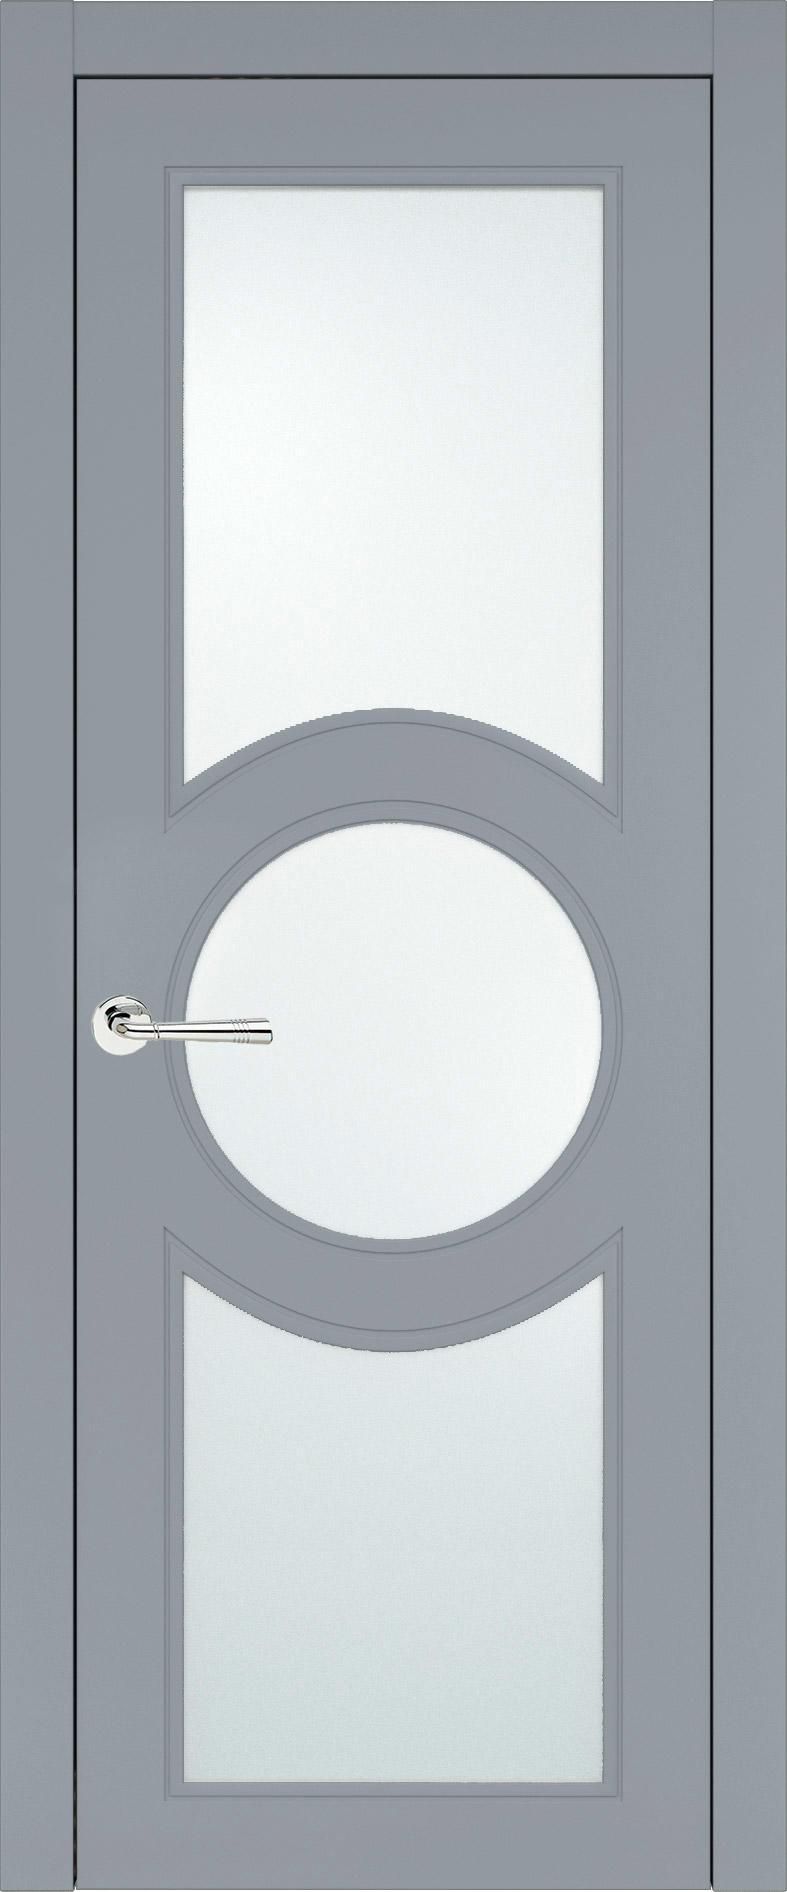 Ravenna Neo Classic цвет - Серебристо-серая эмаль (RAL 7045) Со стеклом (ДО)